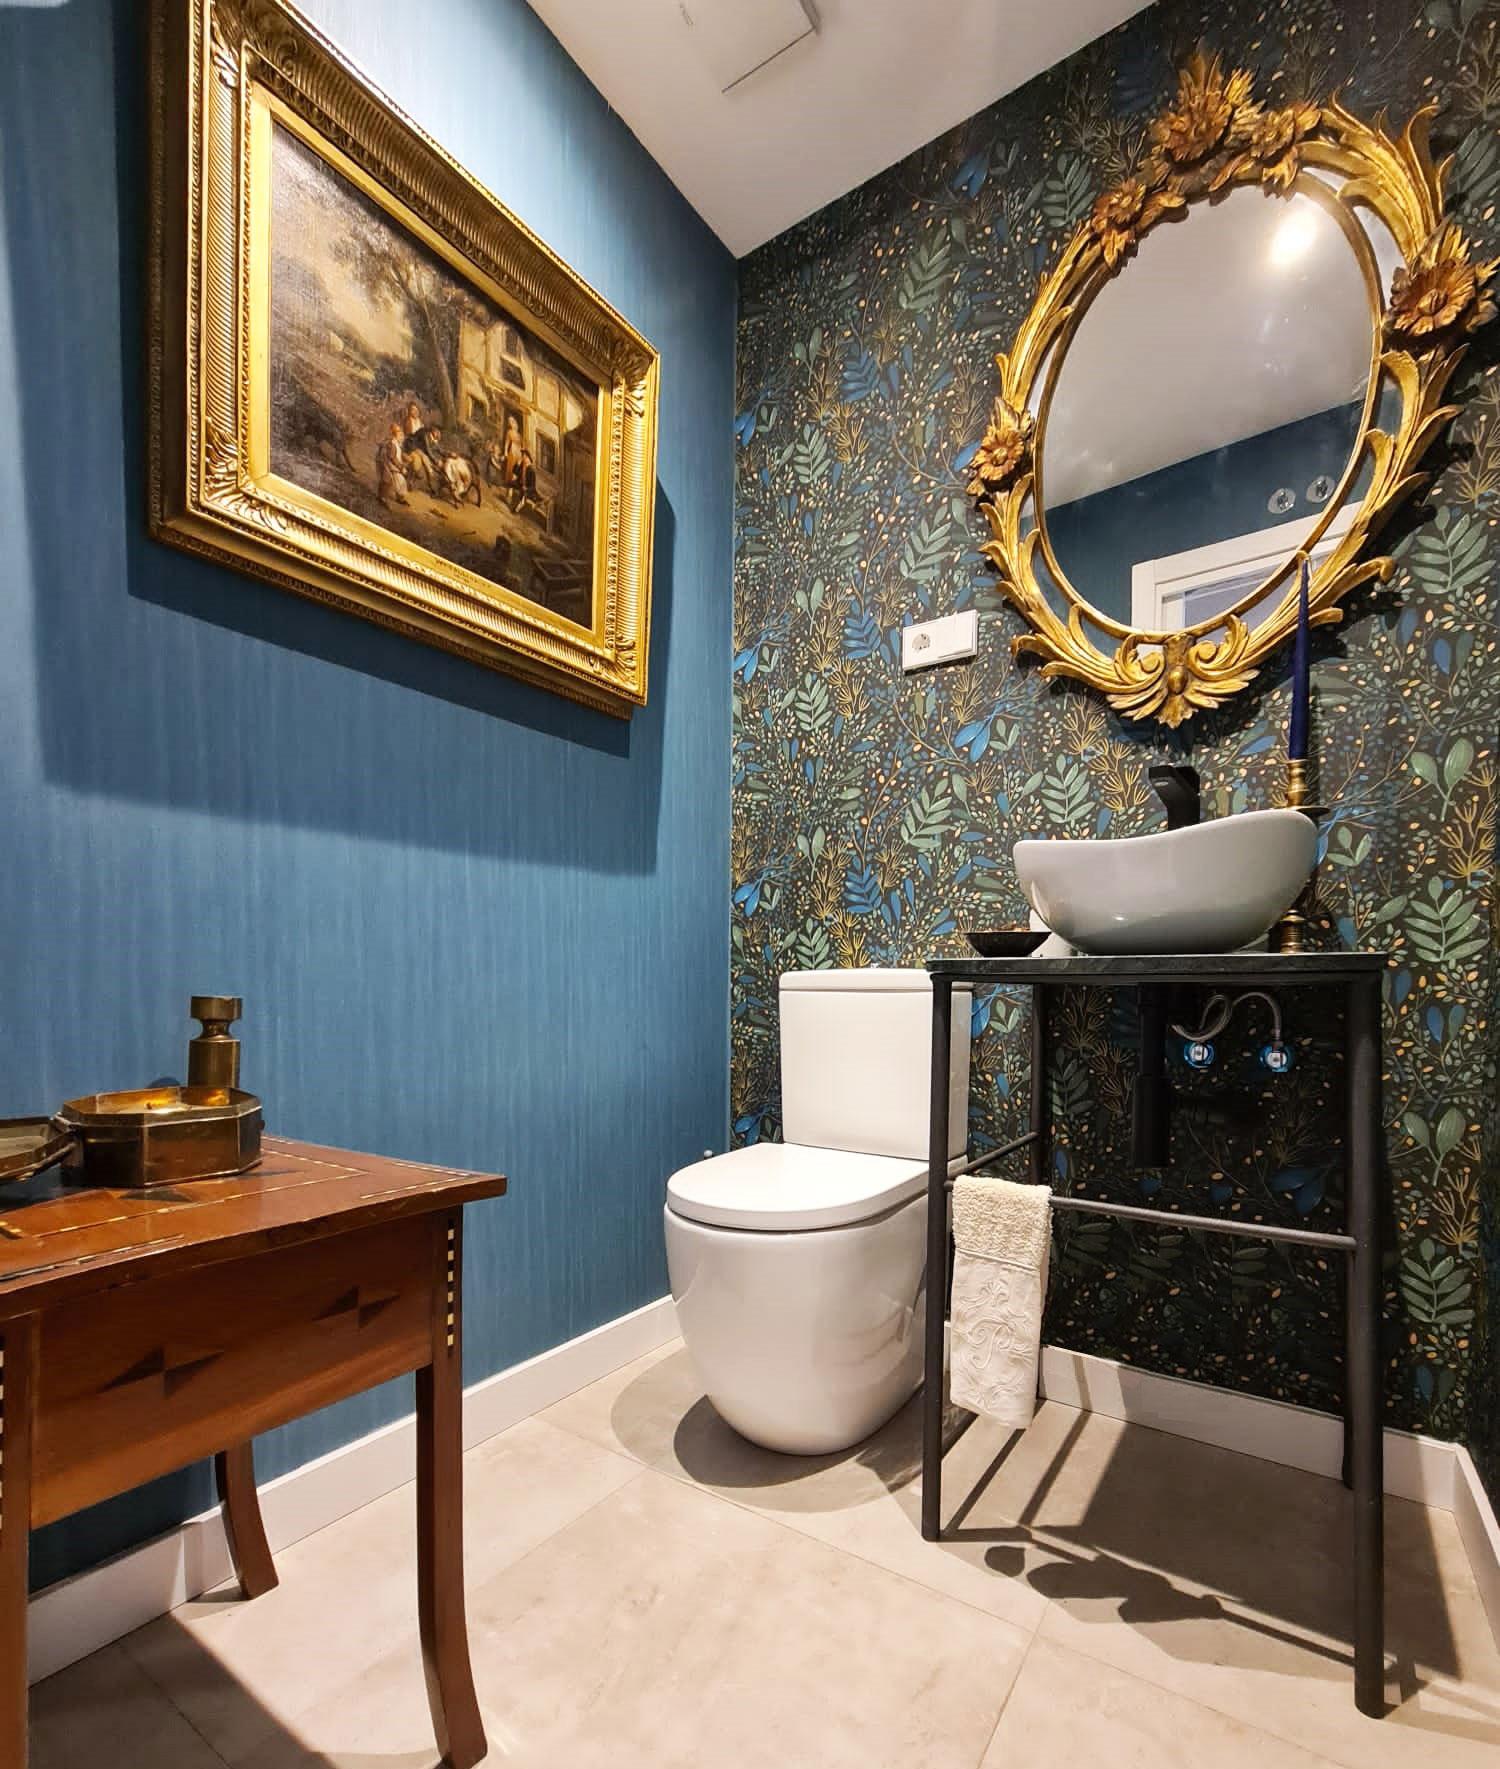 Baño con decoración clásica en chalet de La Finca en Moraleja